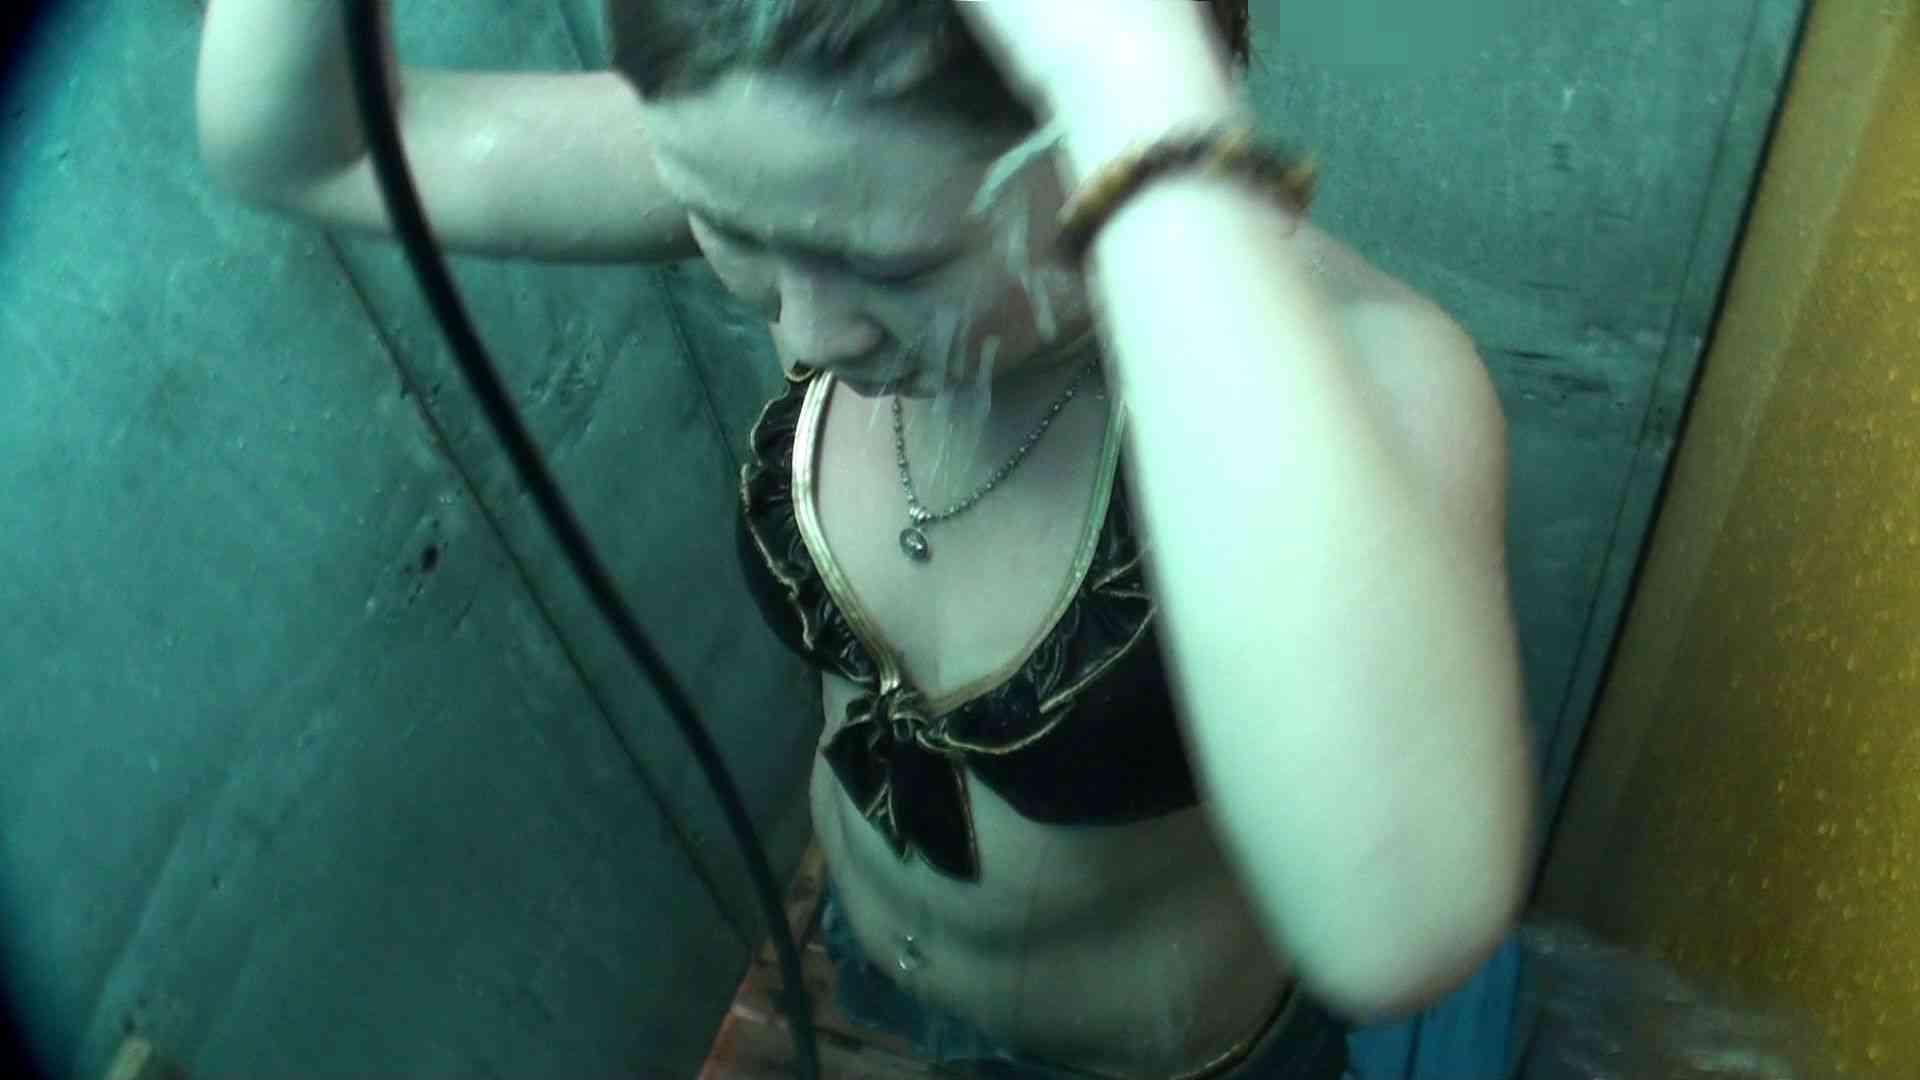 シャワールームは超!!危険な香りVol.19 顔だけ太った宇多田ヒカルのジラしのちら見せ 高画質  110PIX 36